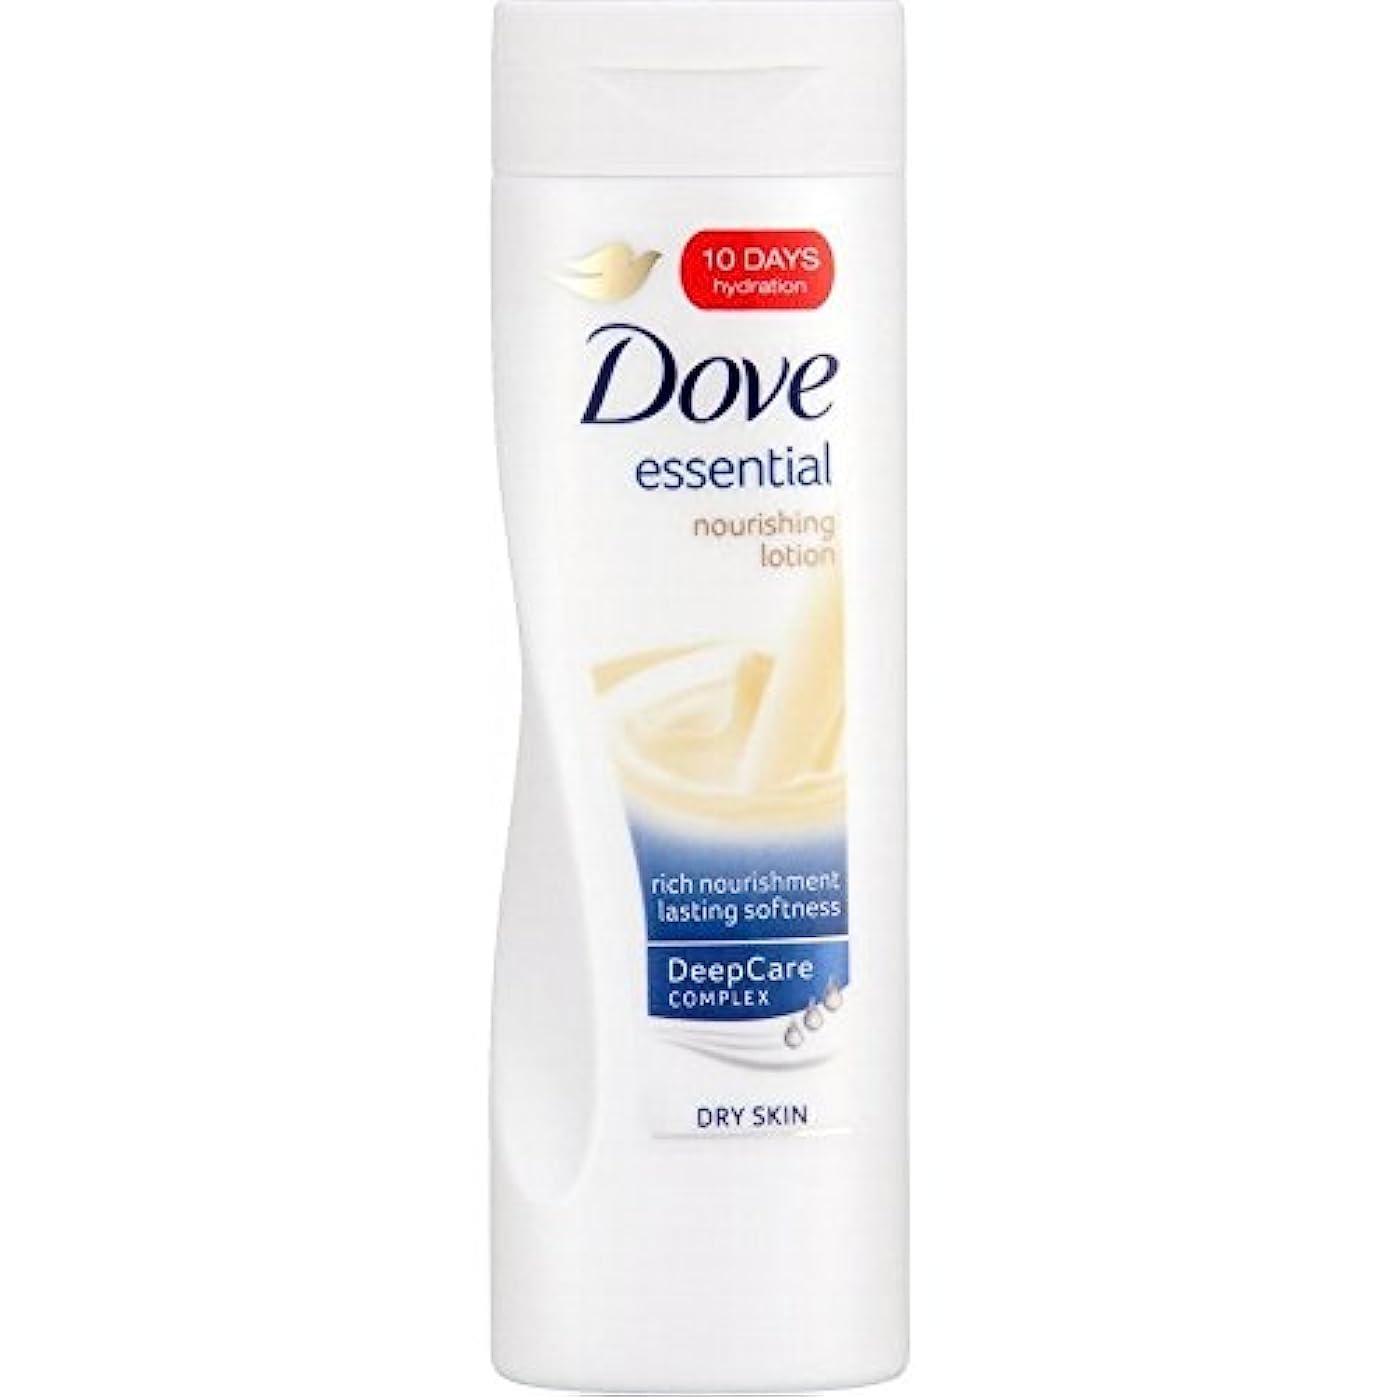 性別顧問地元Dove Essential Nourishment Body Lotion - Dry Skin (250ml) 鳩不可欠な栄養ボディローション - 乾燥肌( 250ミリリットル) [並行輸入品]